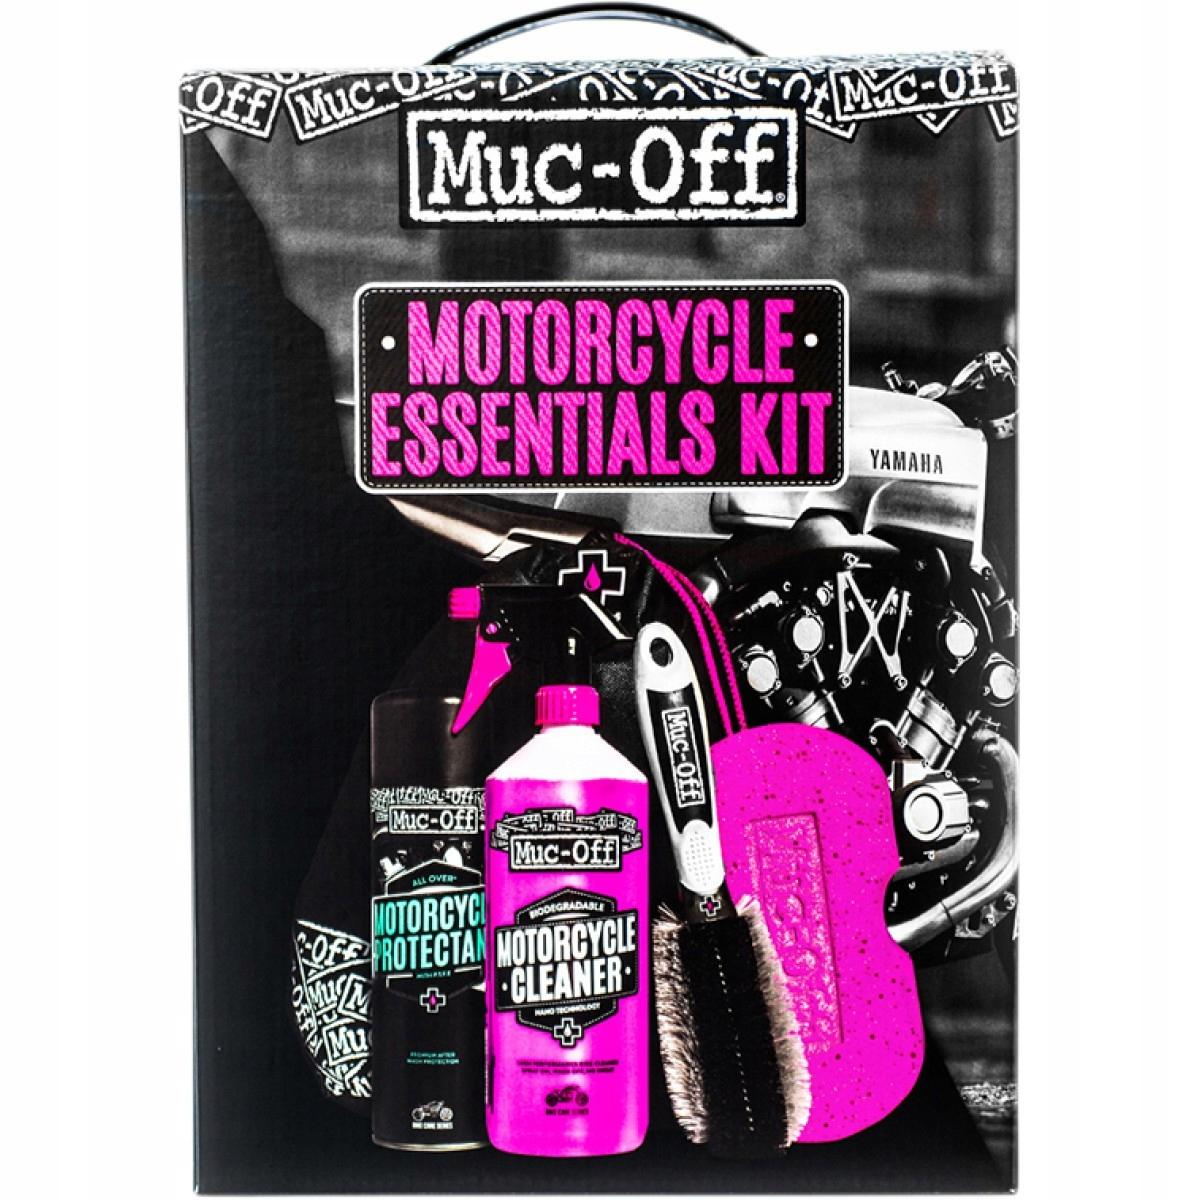 Zestaw Muc-Off do czyszczenia i pielęgnacji motocy